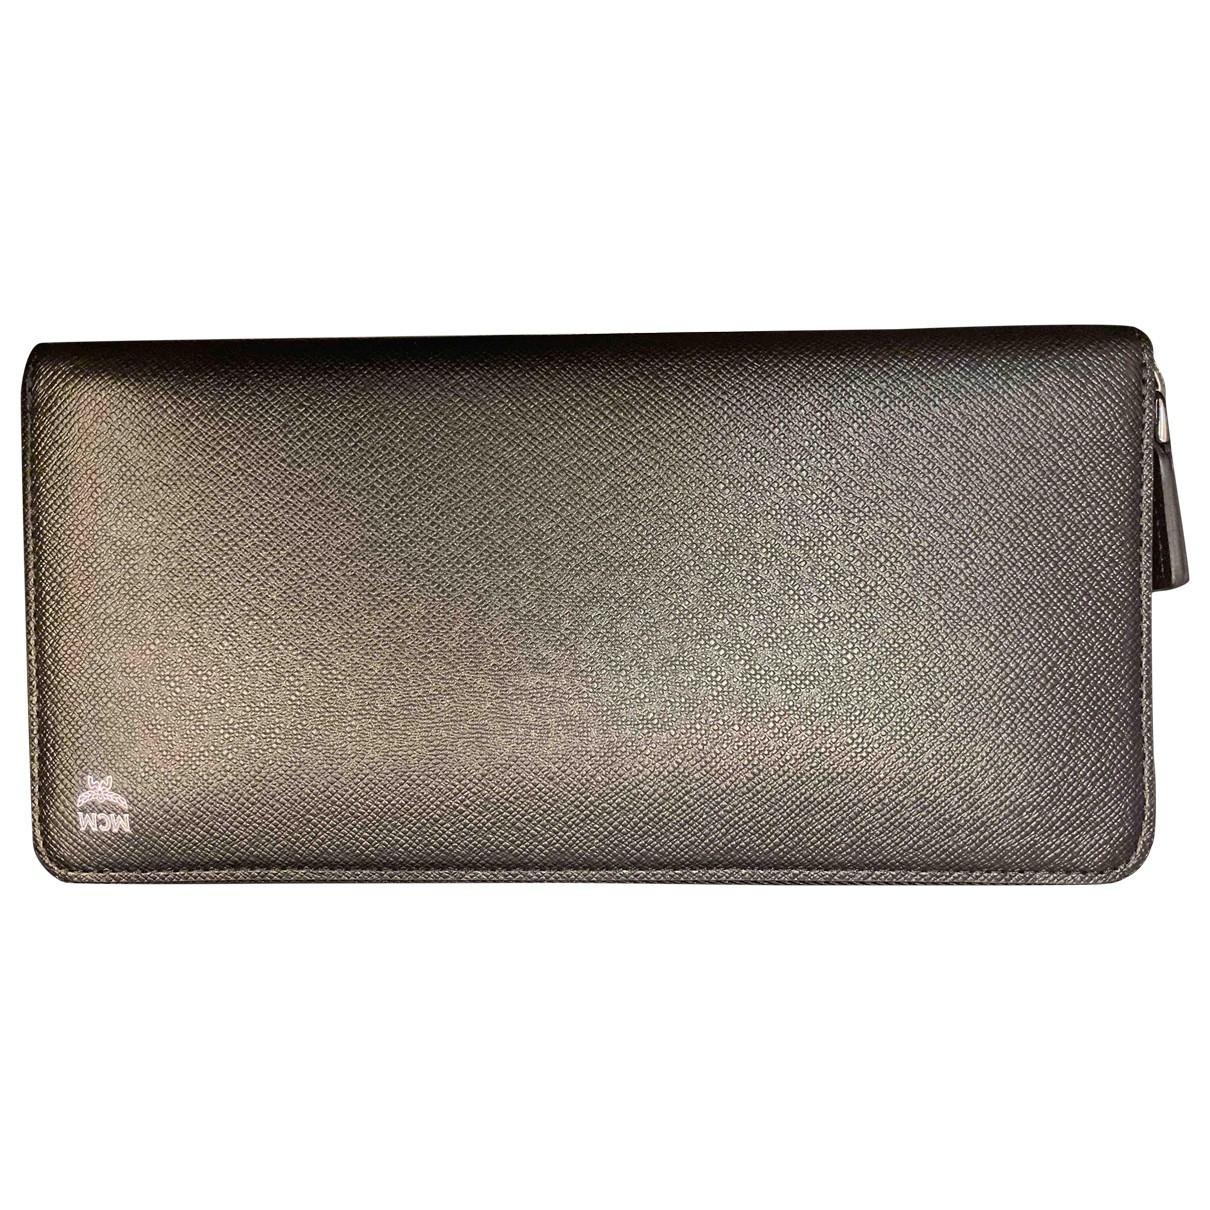 Mcm - Portefeuille   pour femme en cuir - noir